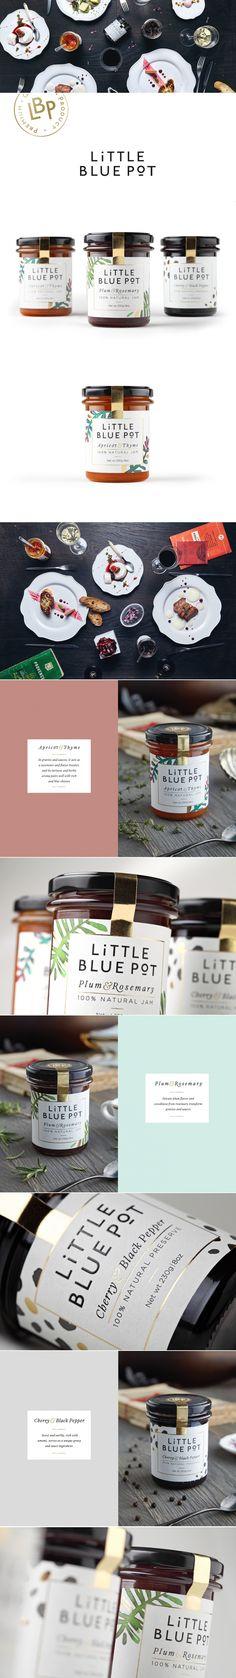 Little Blue Pot Jam packaging design by Coba&Associates Honey Packaging, Bottle Packaging, Food Packaging, Brand Packaging, Design Packaging, Jar Design, Bottle Design, Label Design, Food Design